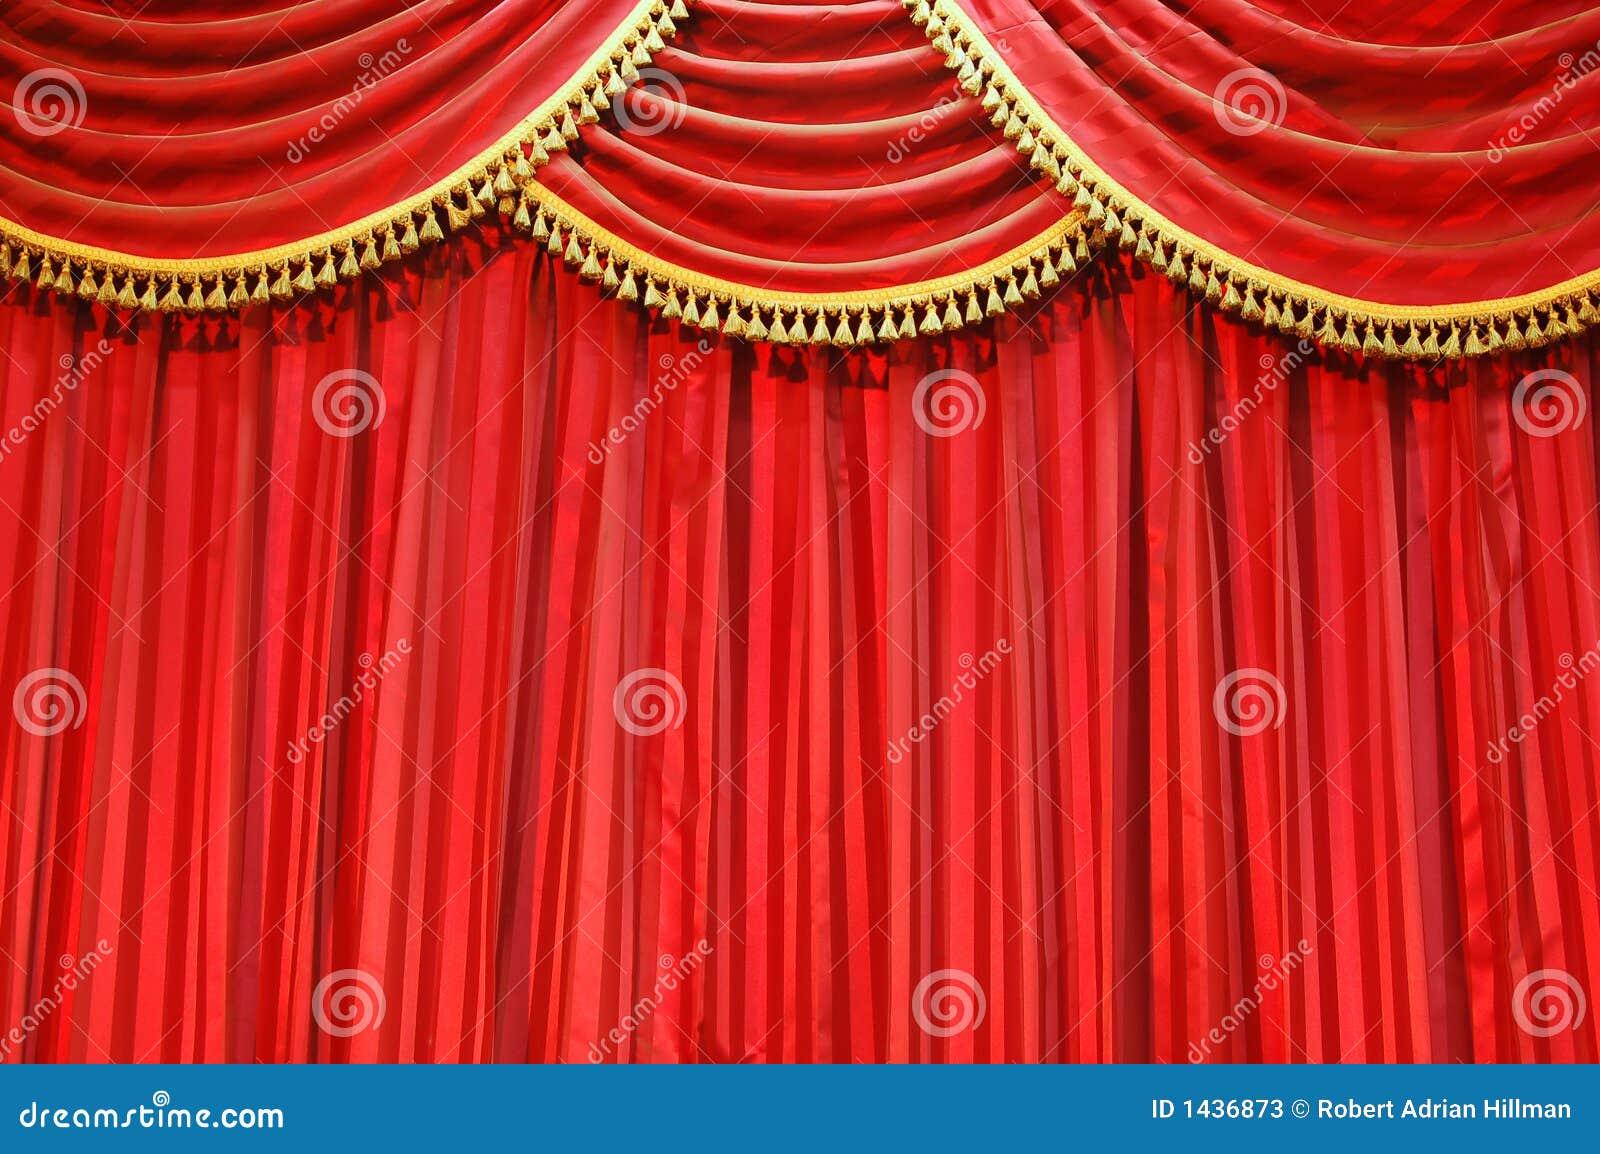 Cortinas Del Teatro Imagen De Archivo. Imagen De Material